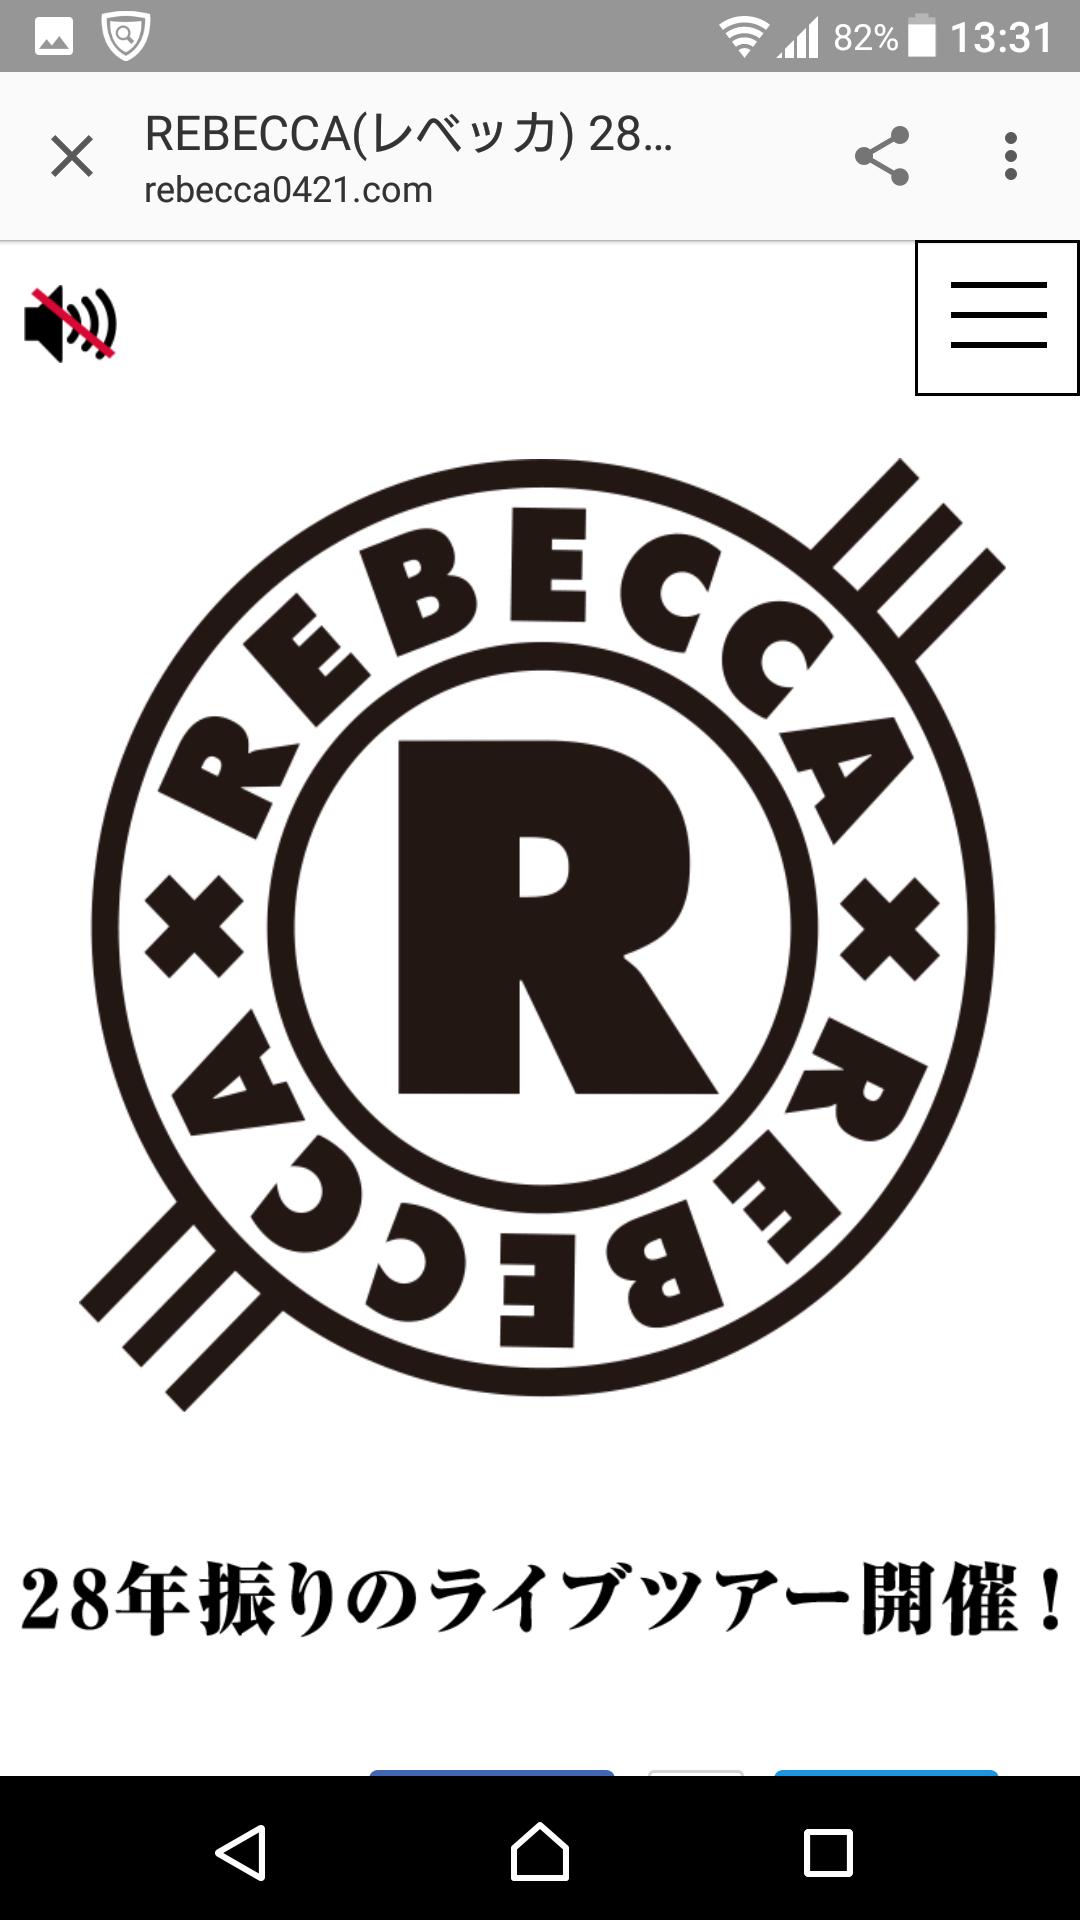 REBECCA好きな人、語りましょう❗